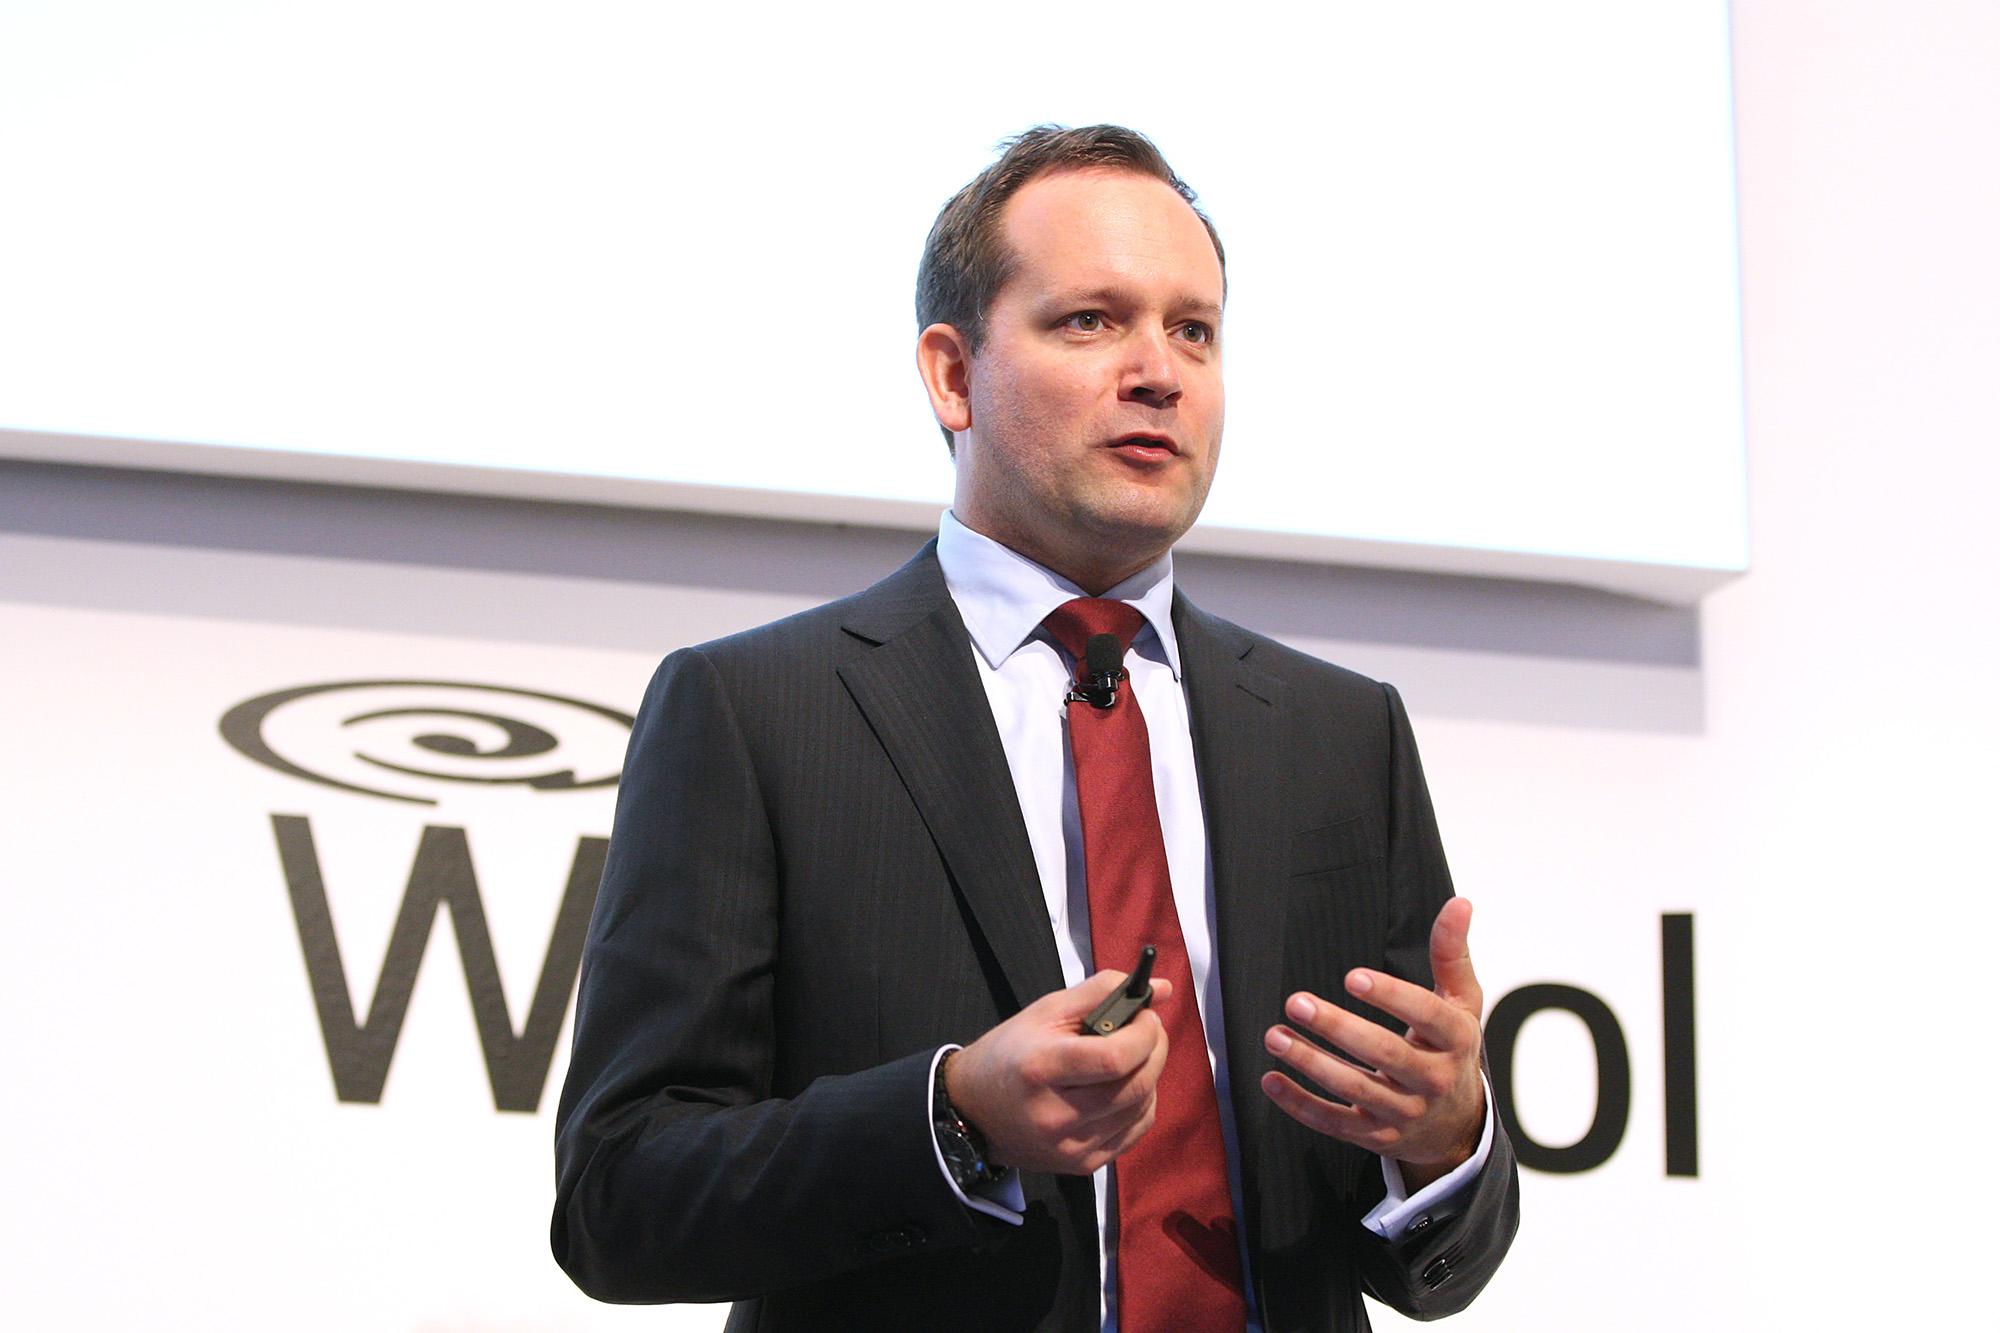 Carl-Martin Lindahl, Vice President Products & Brands, betonte die Bedeutung der typisch-deutschen Marke Bauknecht für die Whirlpool-Gruppe